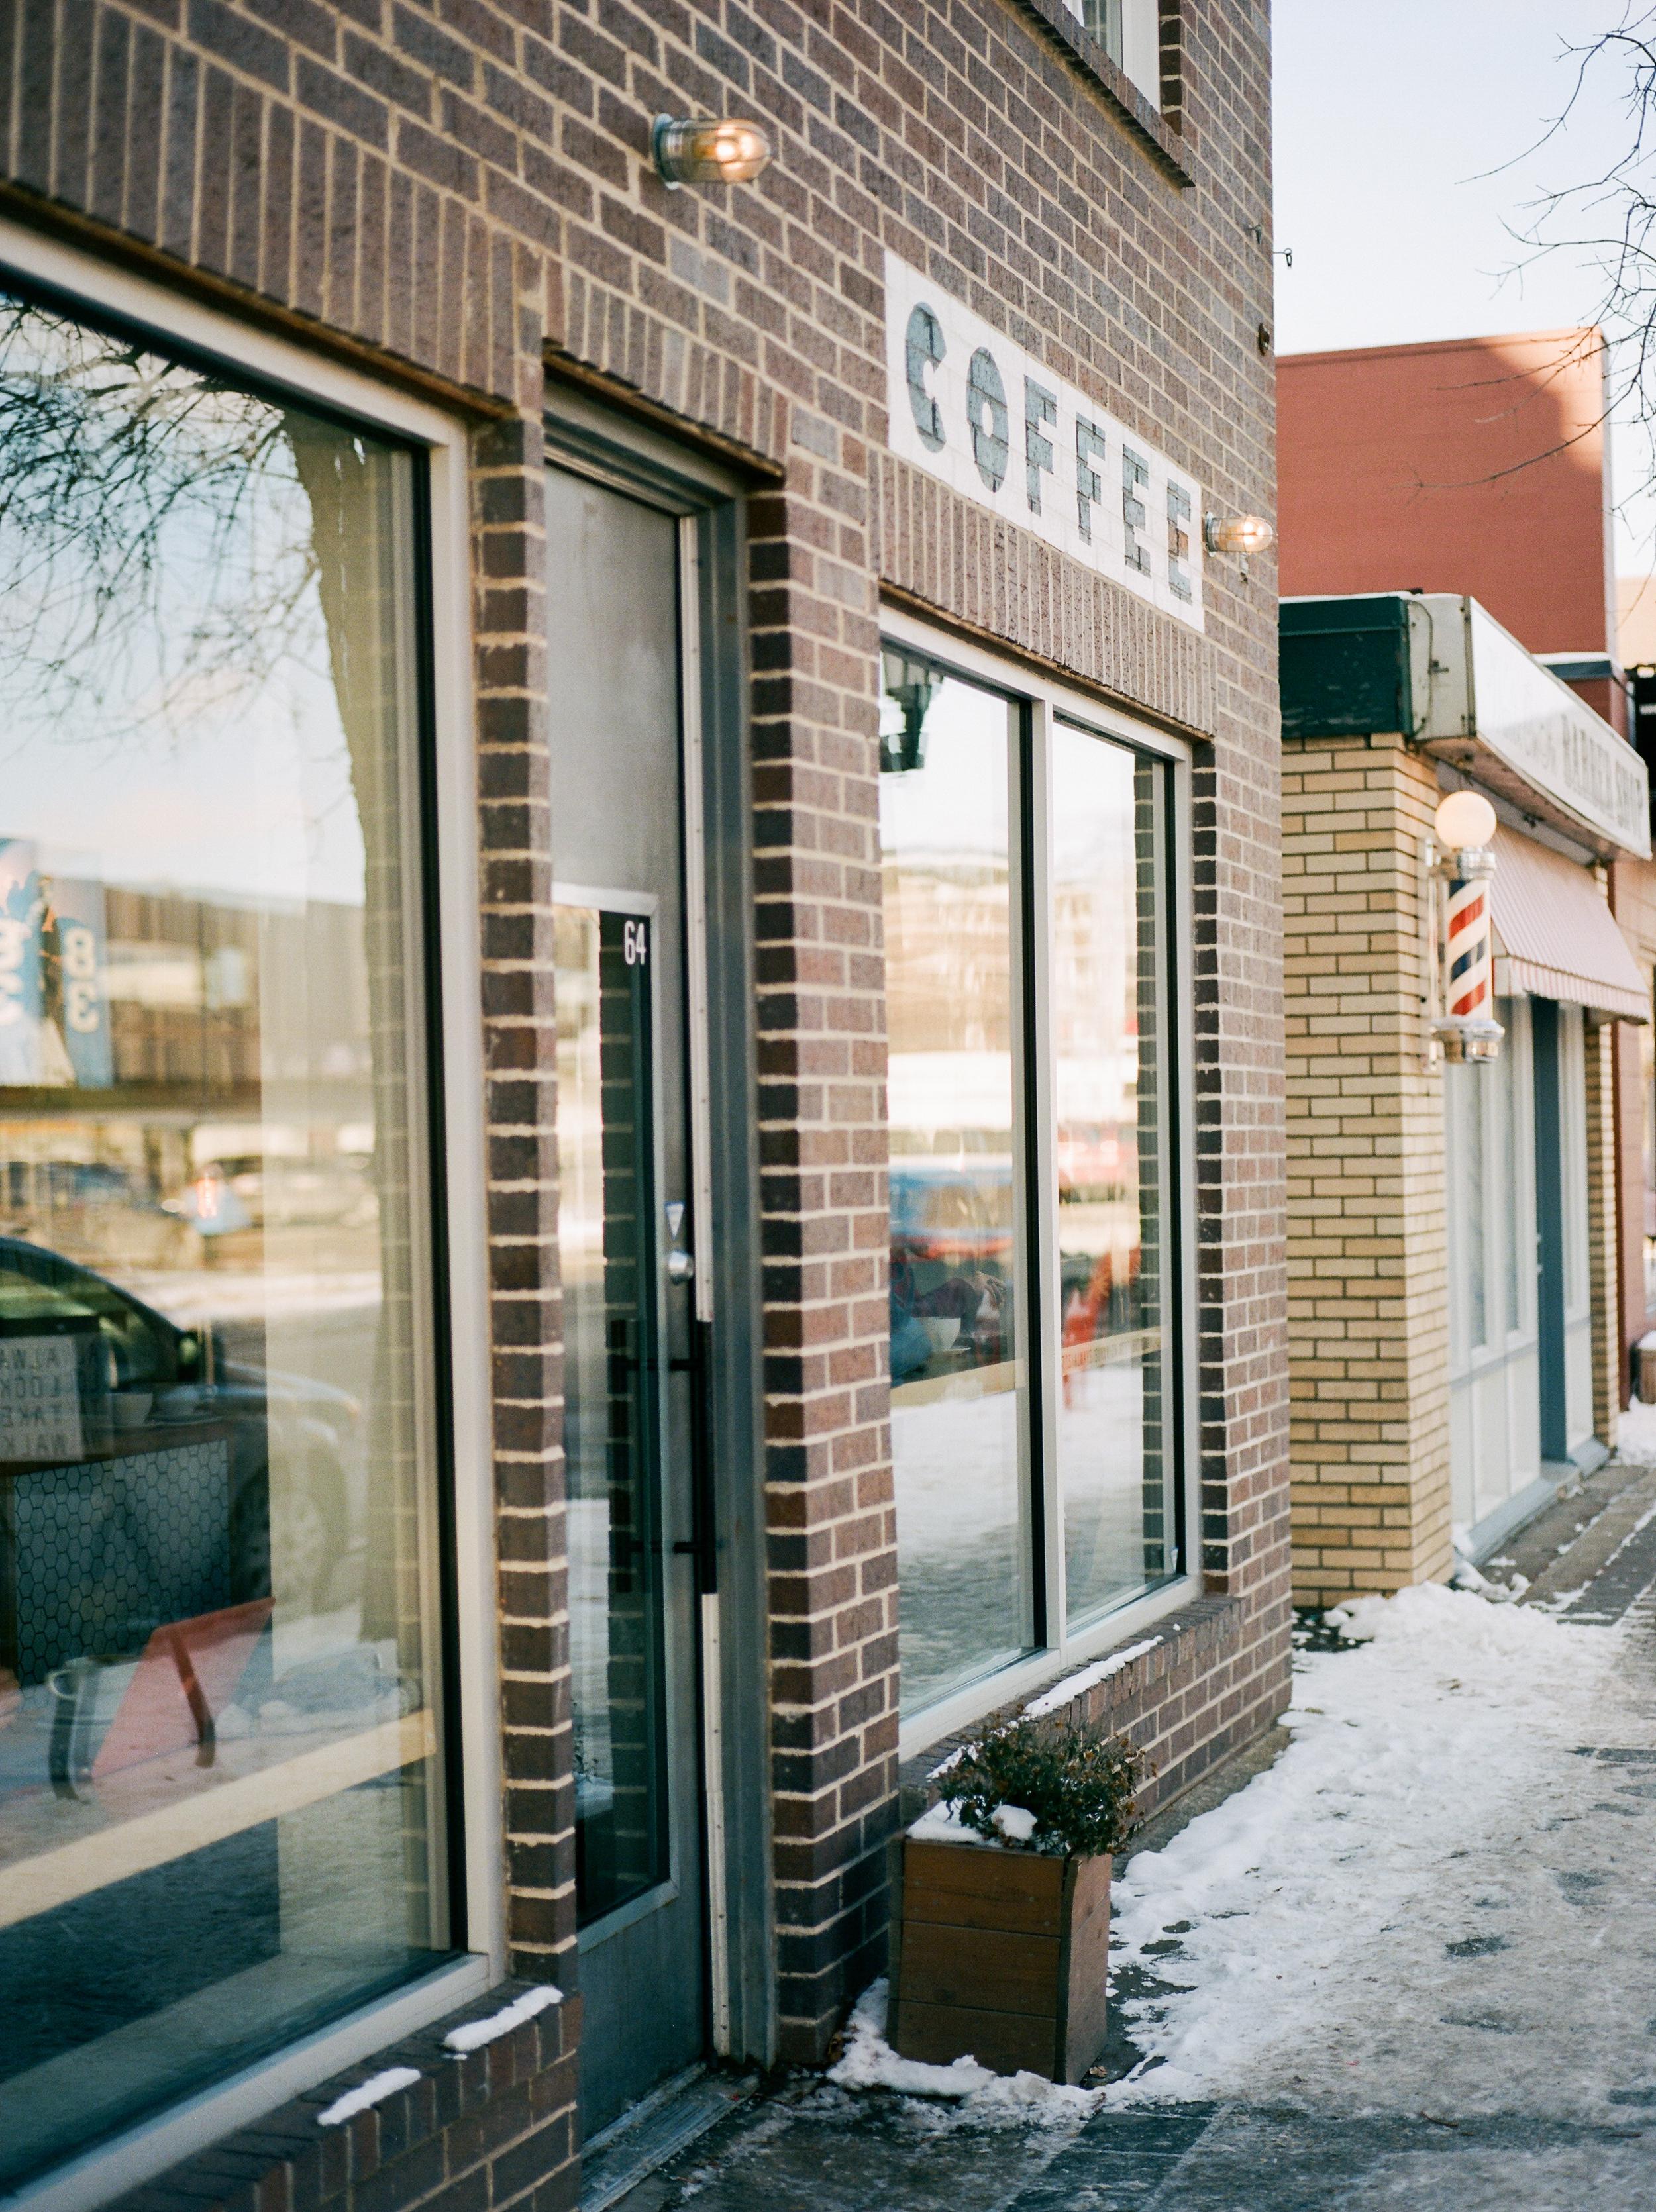 Thom-Bargen-Coffee-KeilaMariePhoto-Winnipeg-Manitoba